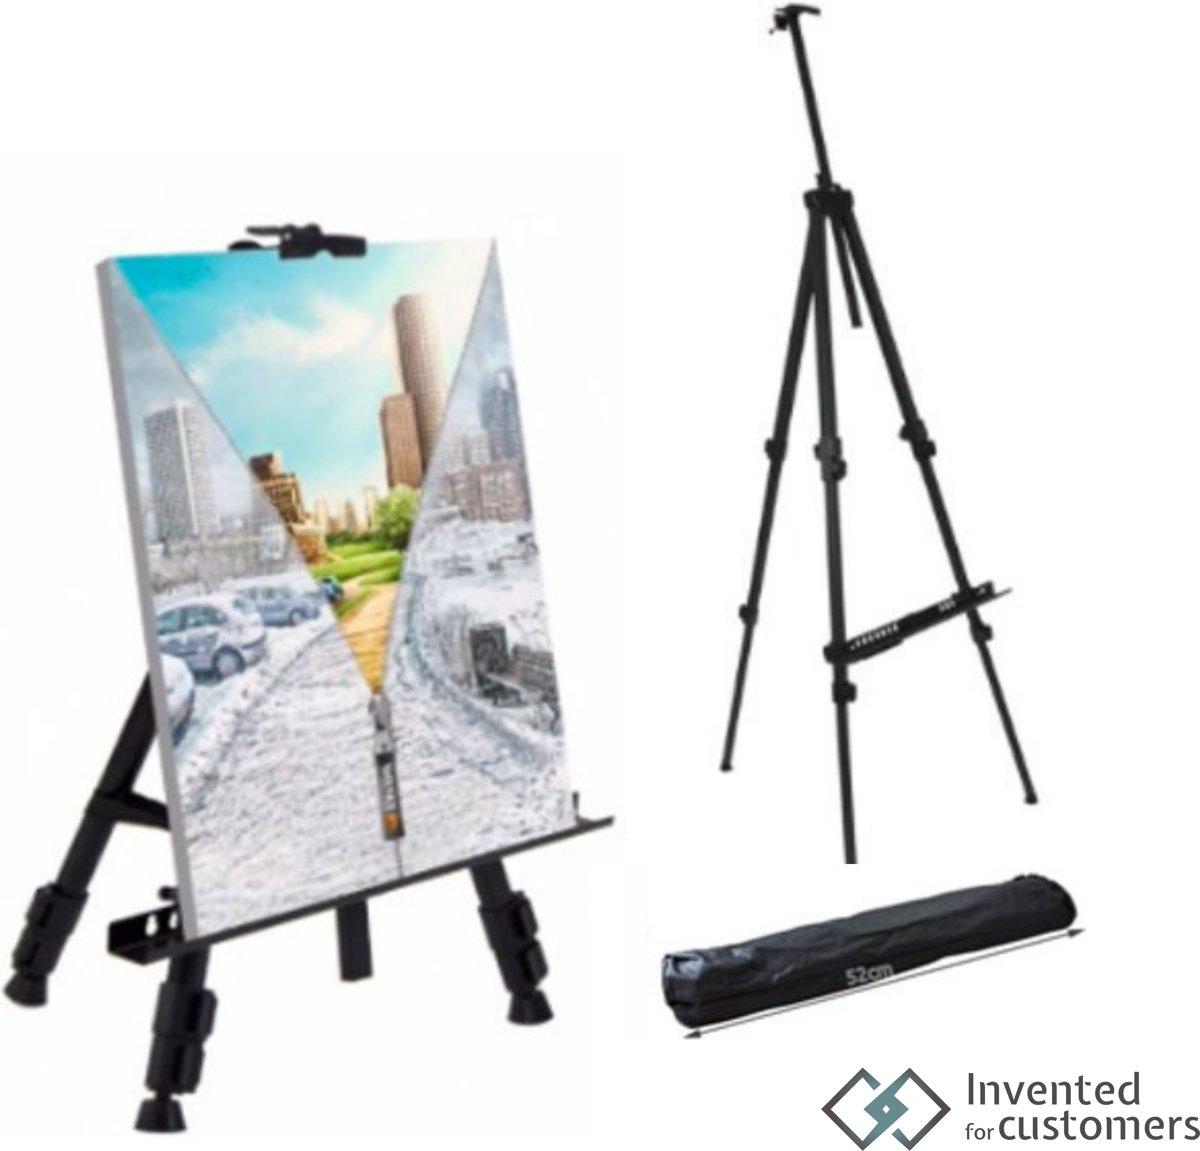 Professionele schildersezel - Aluminium lichtgewicht veldezel - Inclusief luxe draagtas - Schilderij standaard kopen